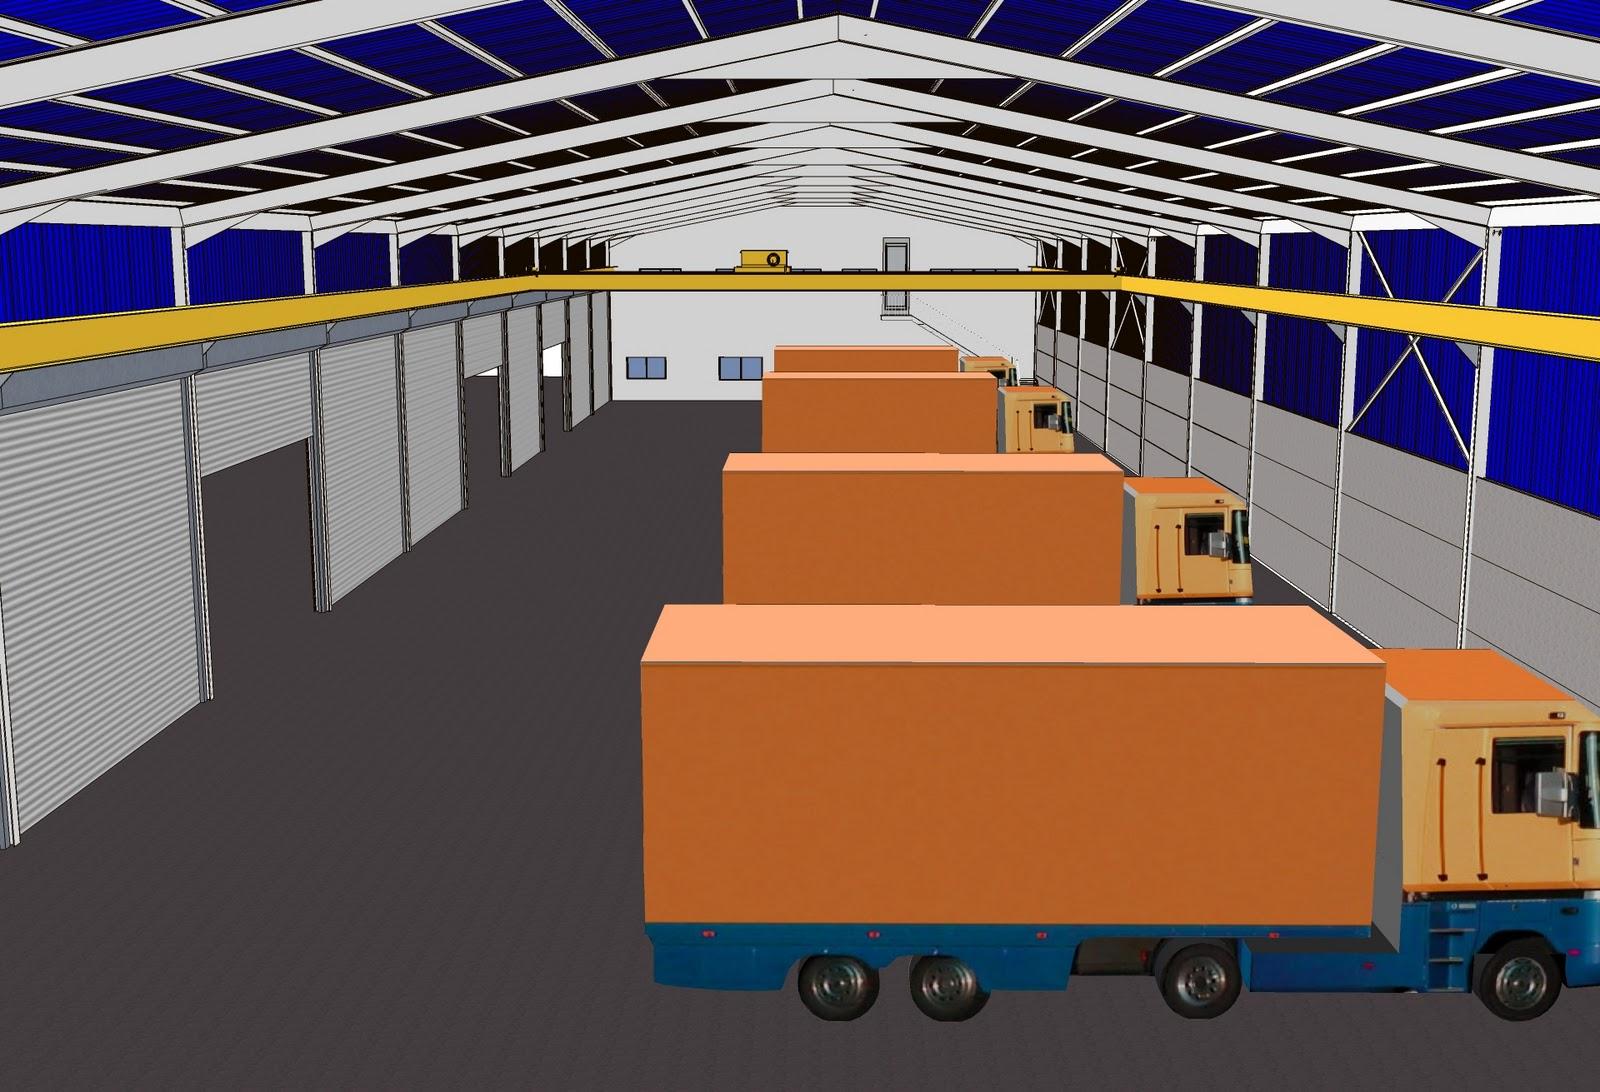 Detalles Constructivos En 3d Detalles De Nave Industrial